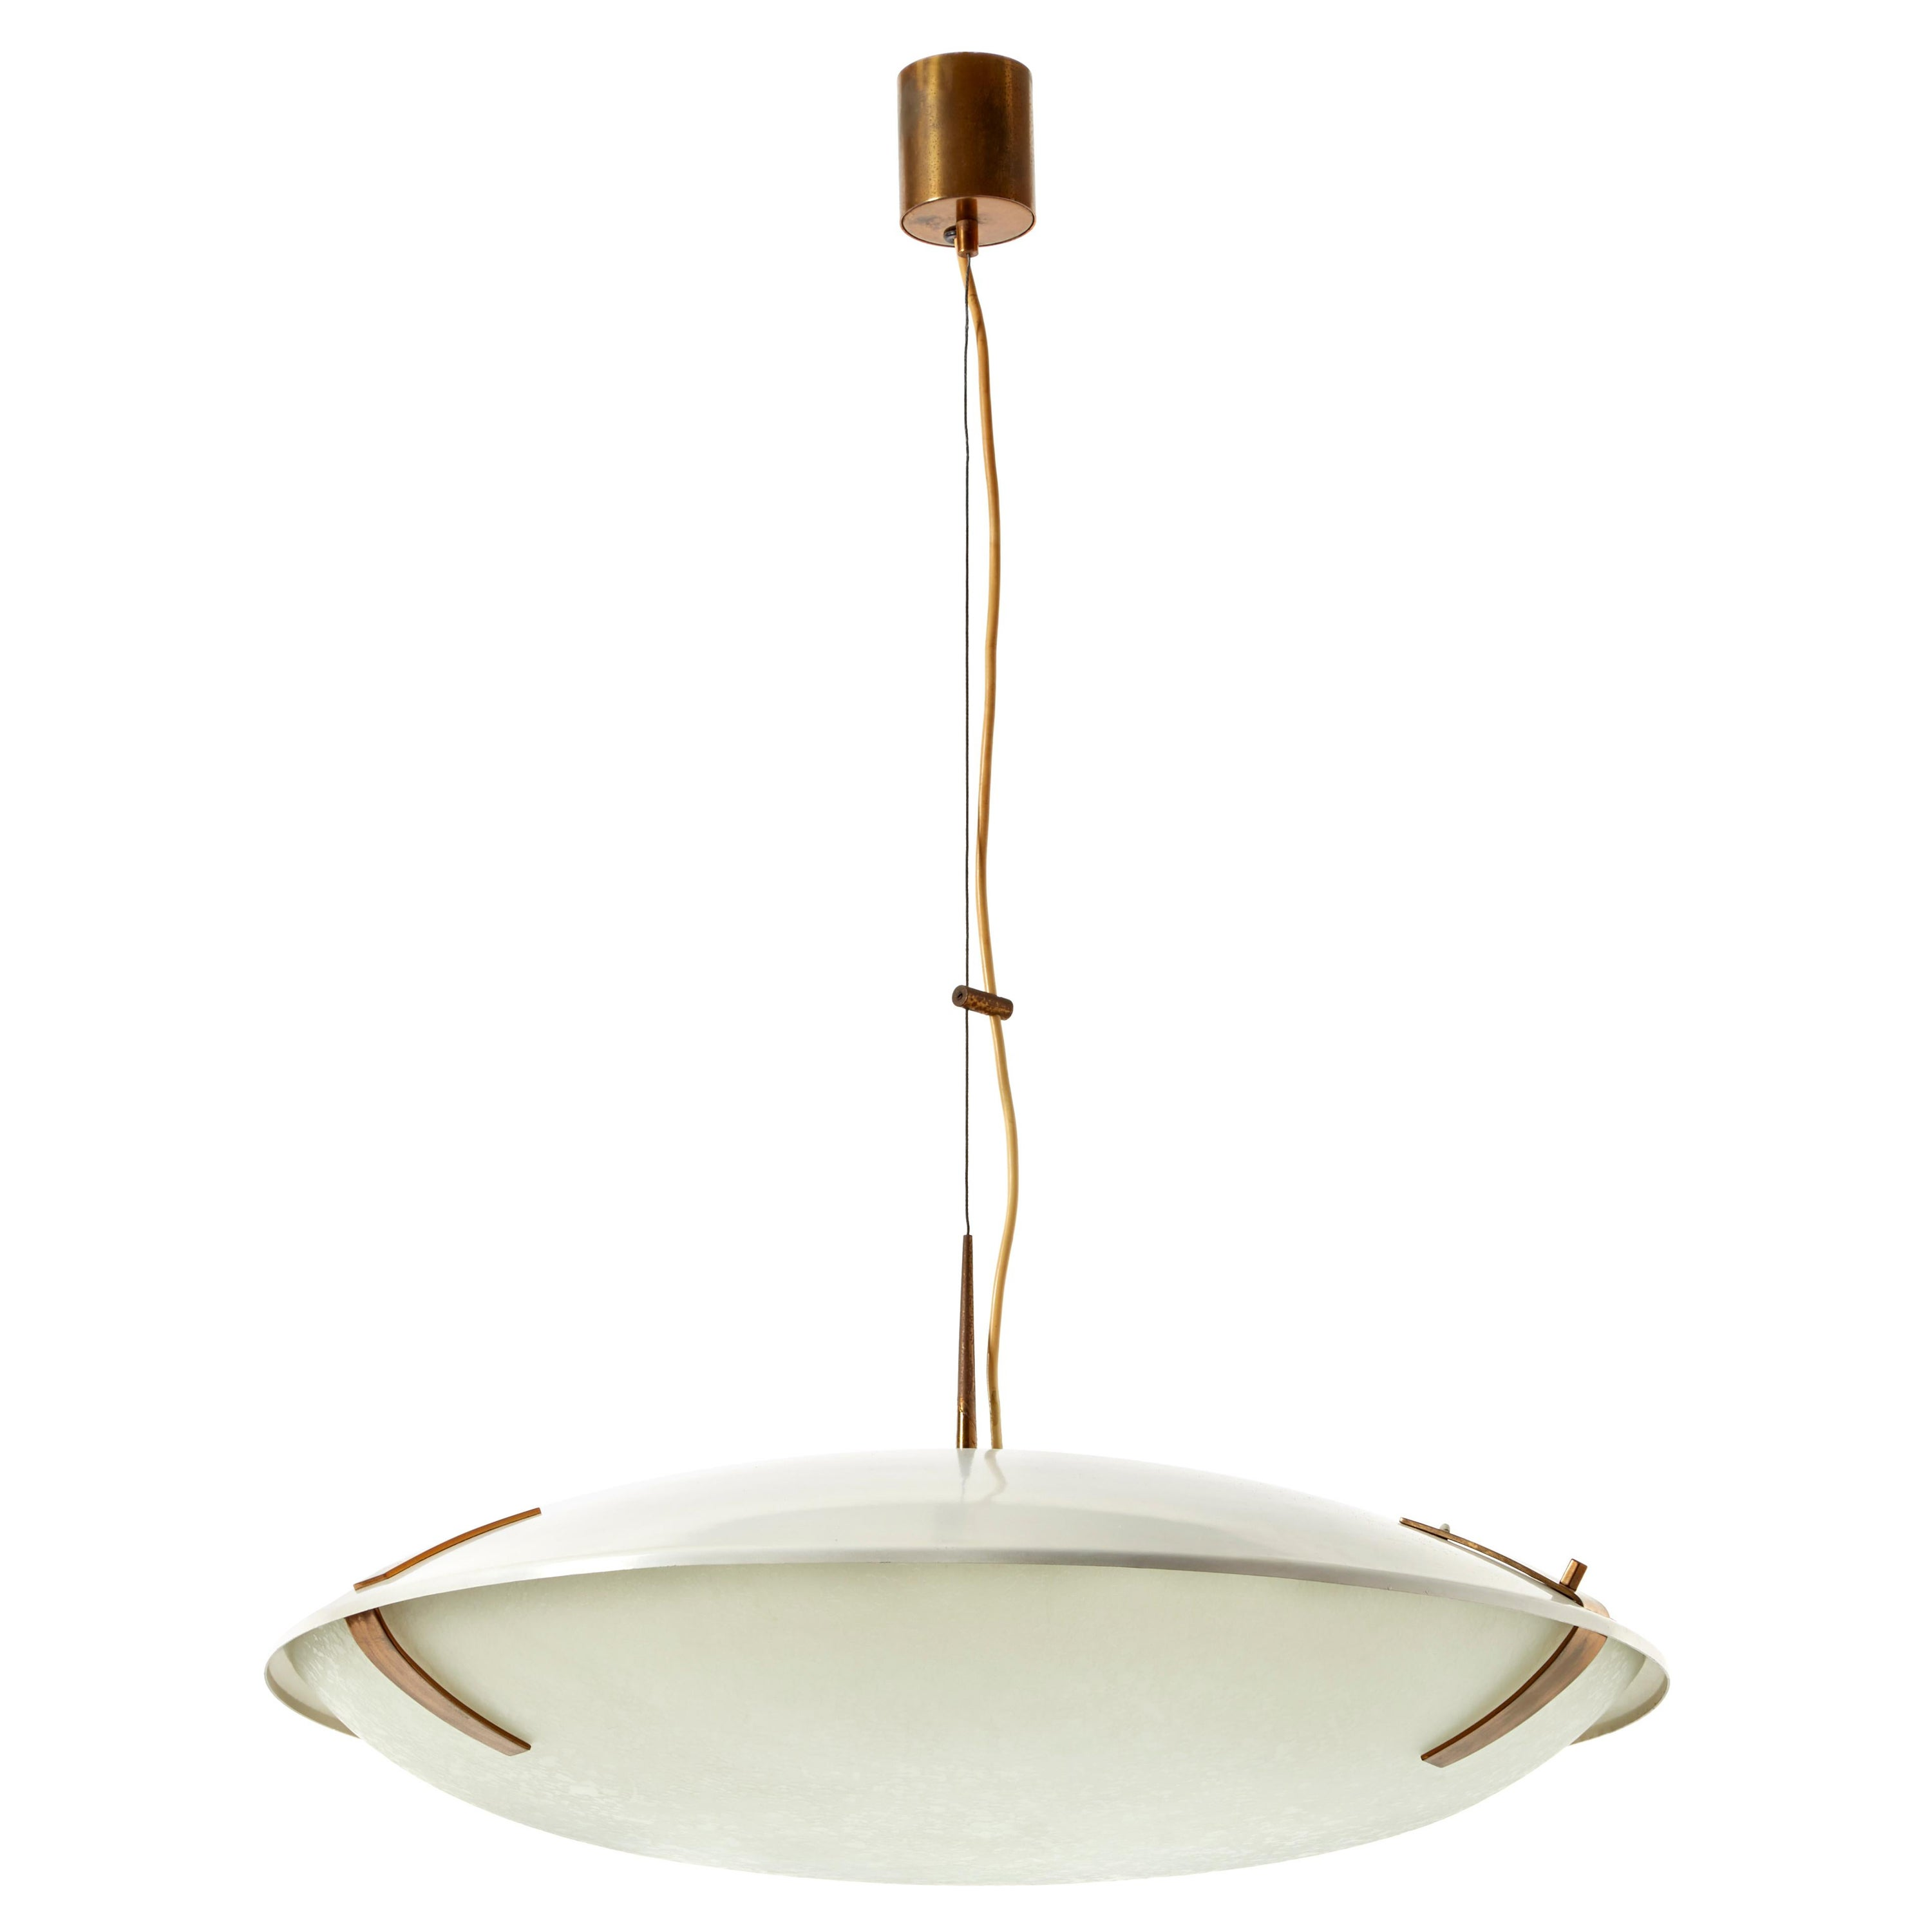 Stilnovo Pendant Light Model 1140 in Aluminum, Brass and Glass, Italy, 1960s